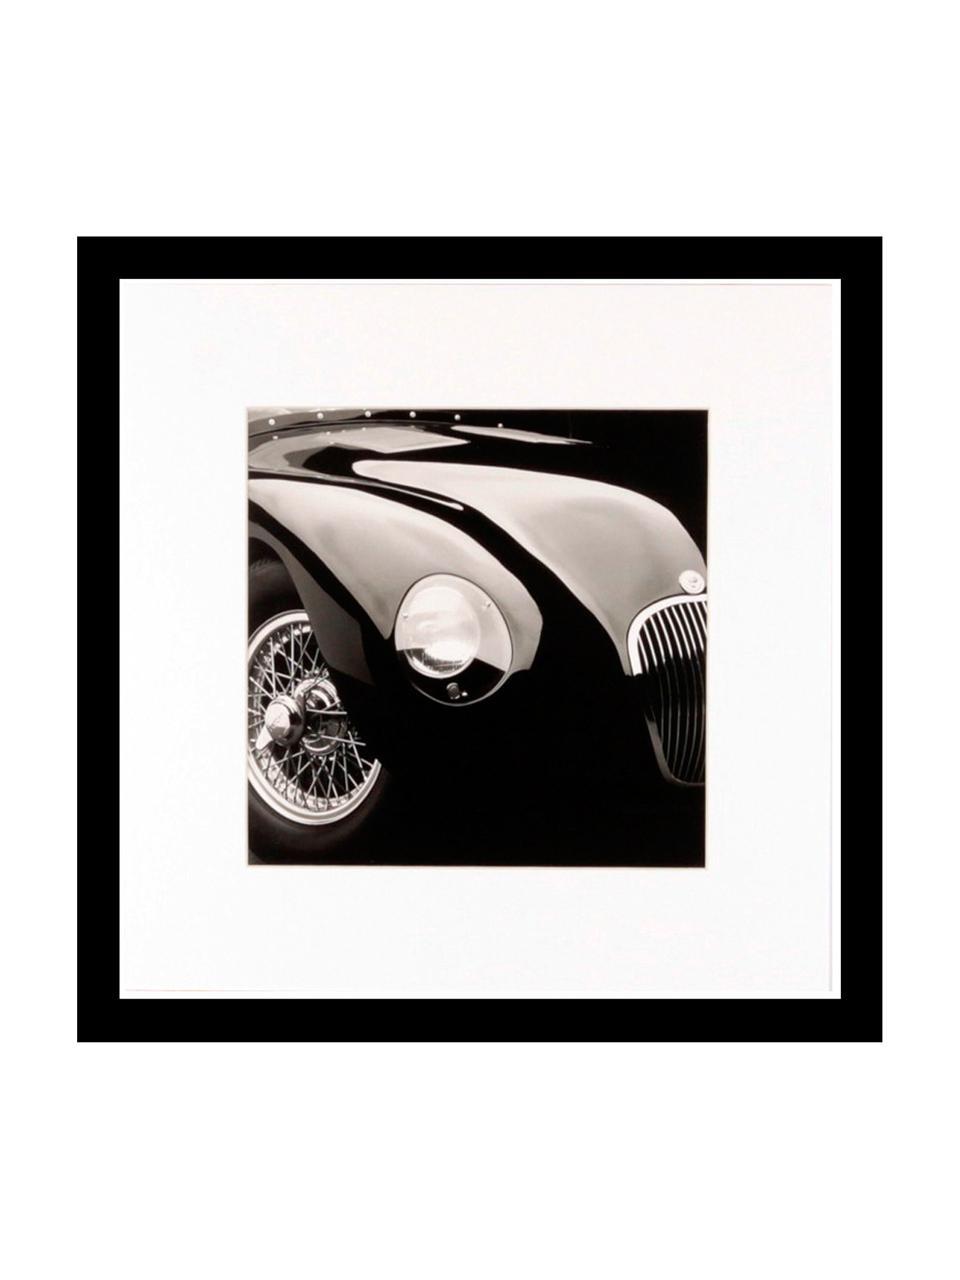 Stampa digitale incorniciata Oldtimer II, Immagine: stampa digitale, Cornice: materiale sintetico, Immagine: nero, bianco Cornice: nero, L 30 x A 30 cm